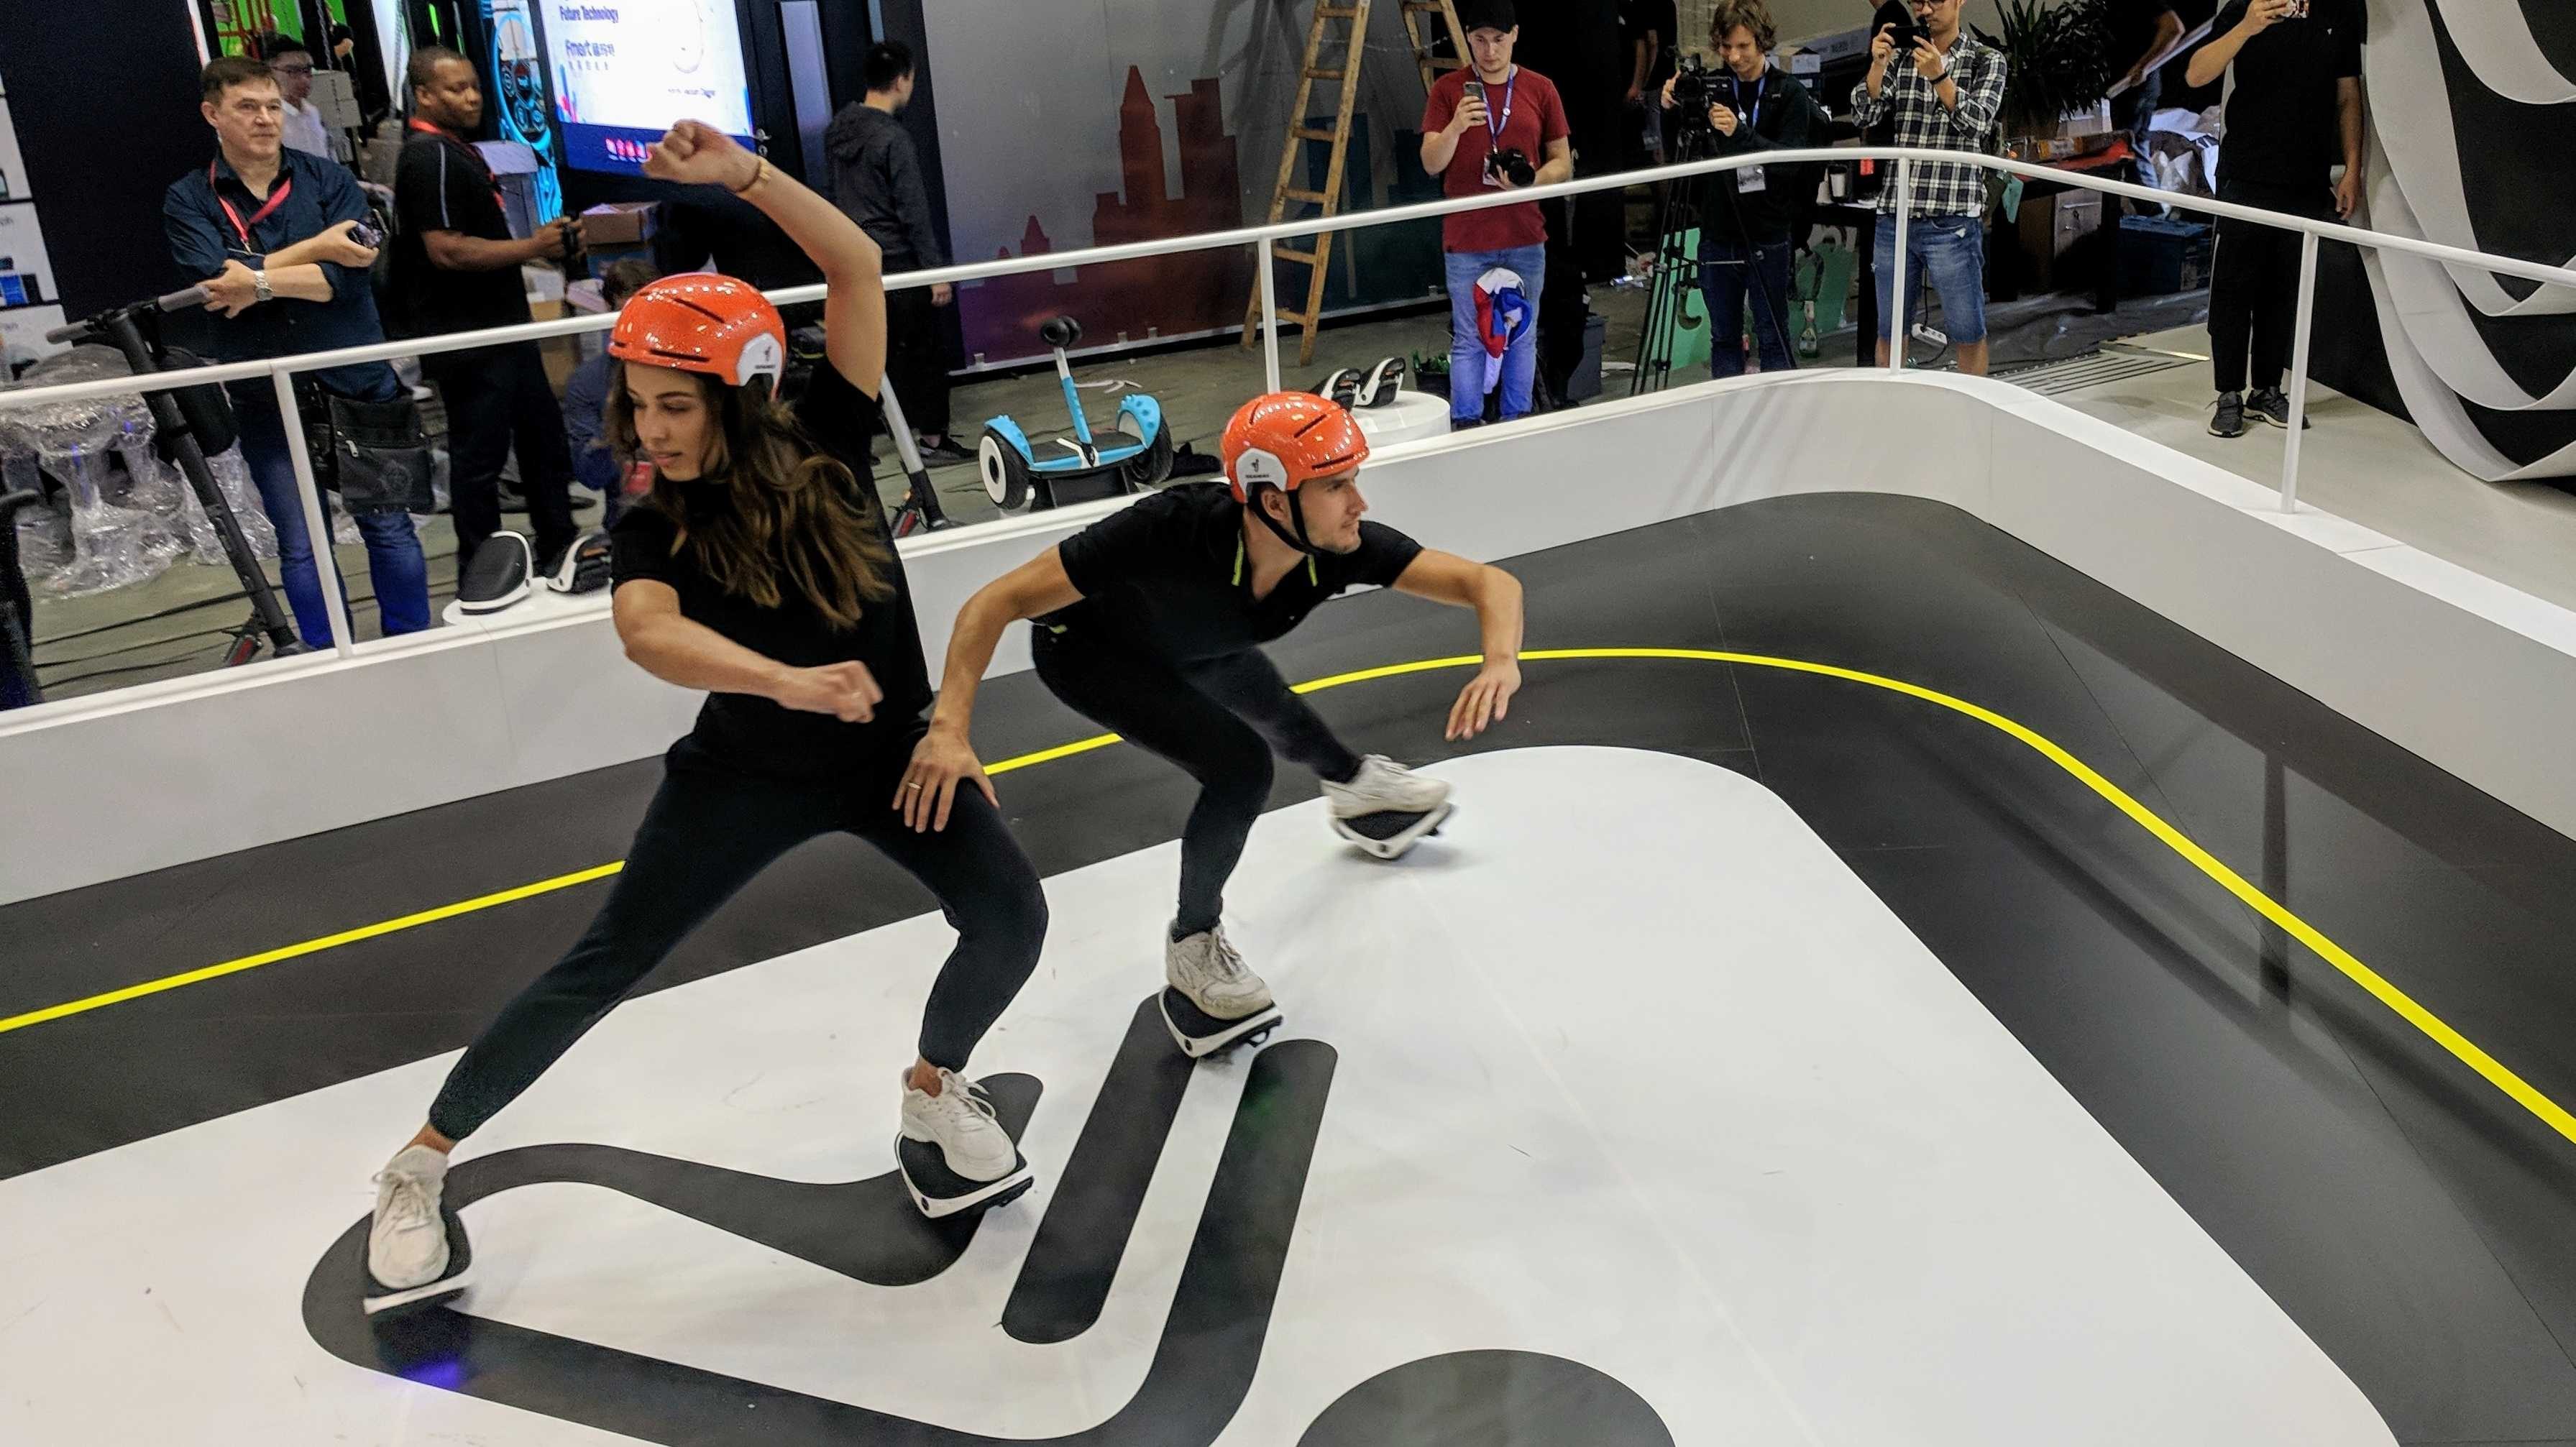 Segway Drift W1 und IO Hawk nxt.skates: Elektro-Rollschuhe im Feets-on